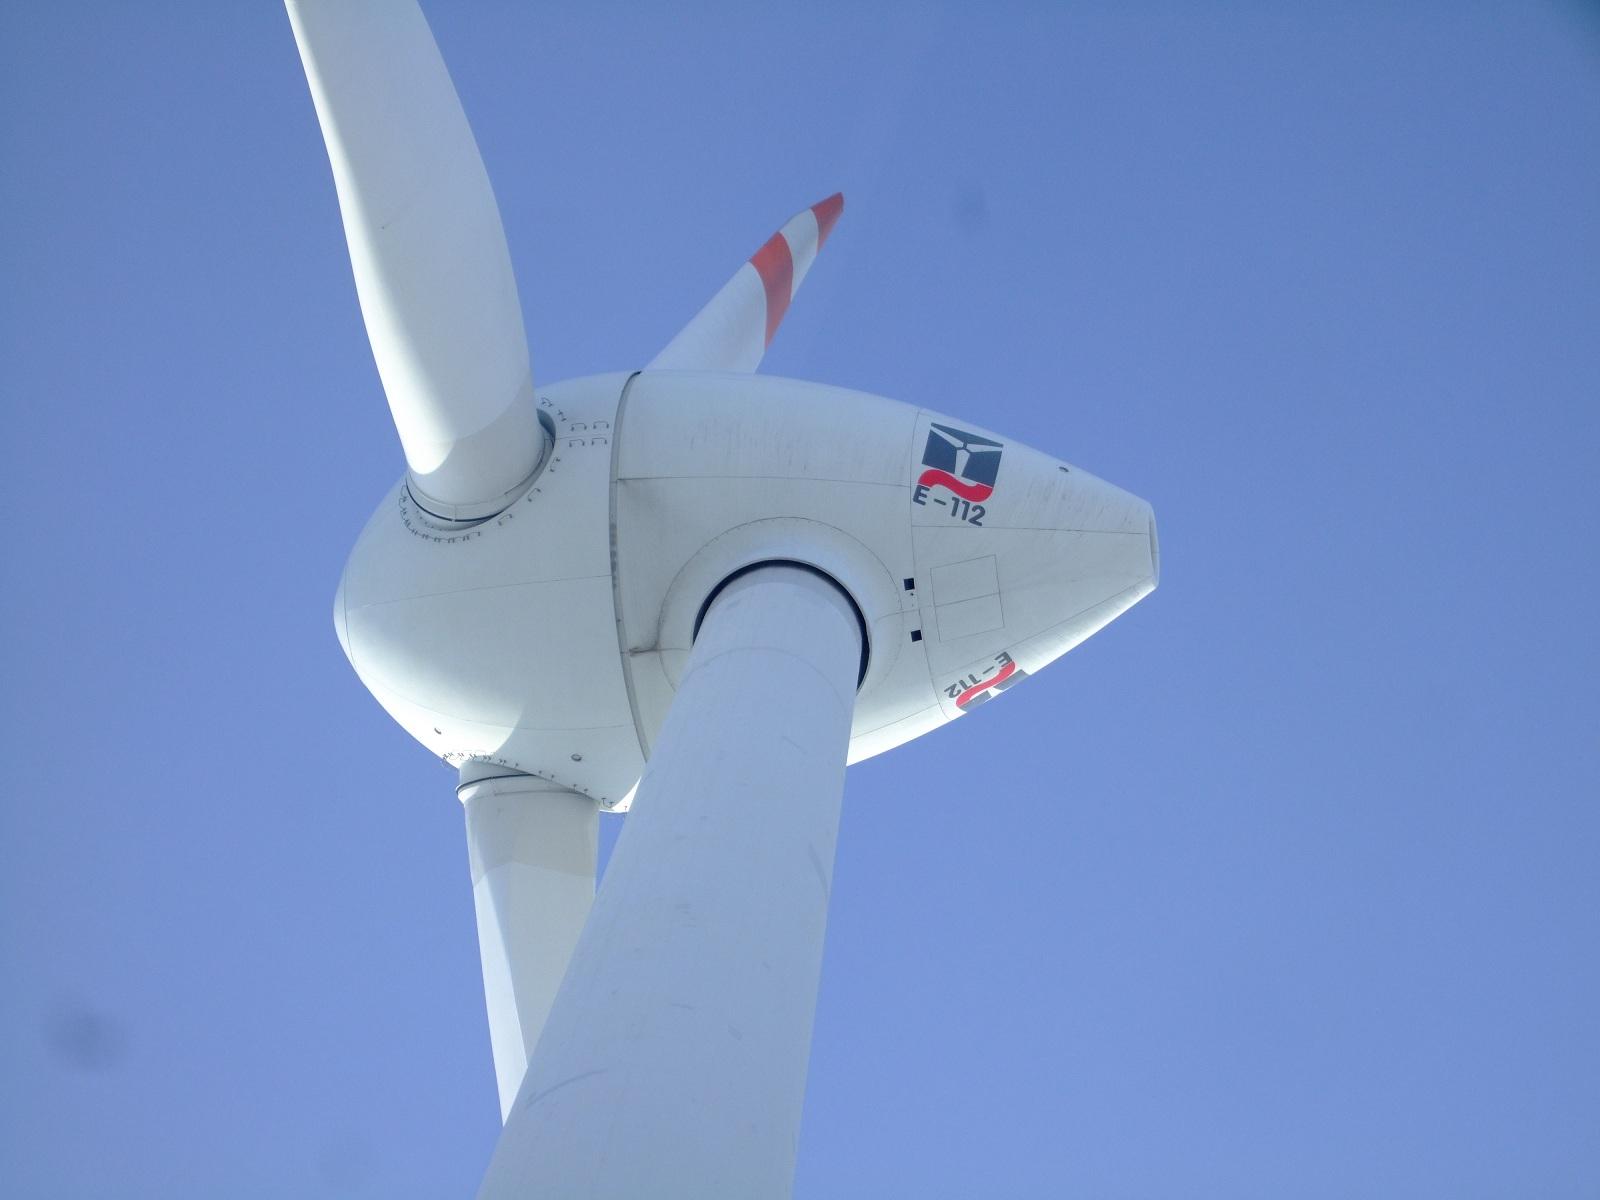 La eólica Enercon inaugura su delegación en Canarias y suministrará aerogeneradores para tres parques eólicos